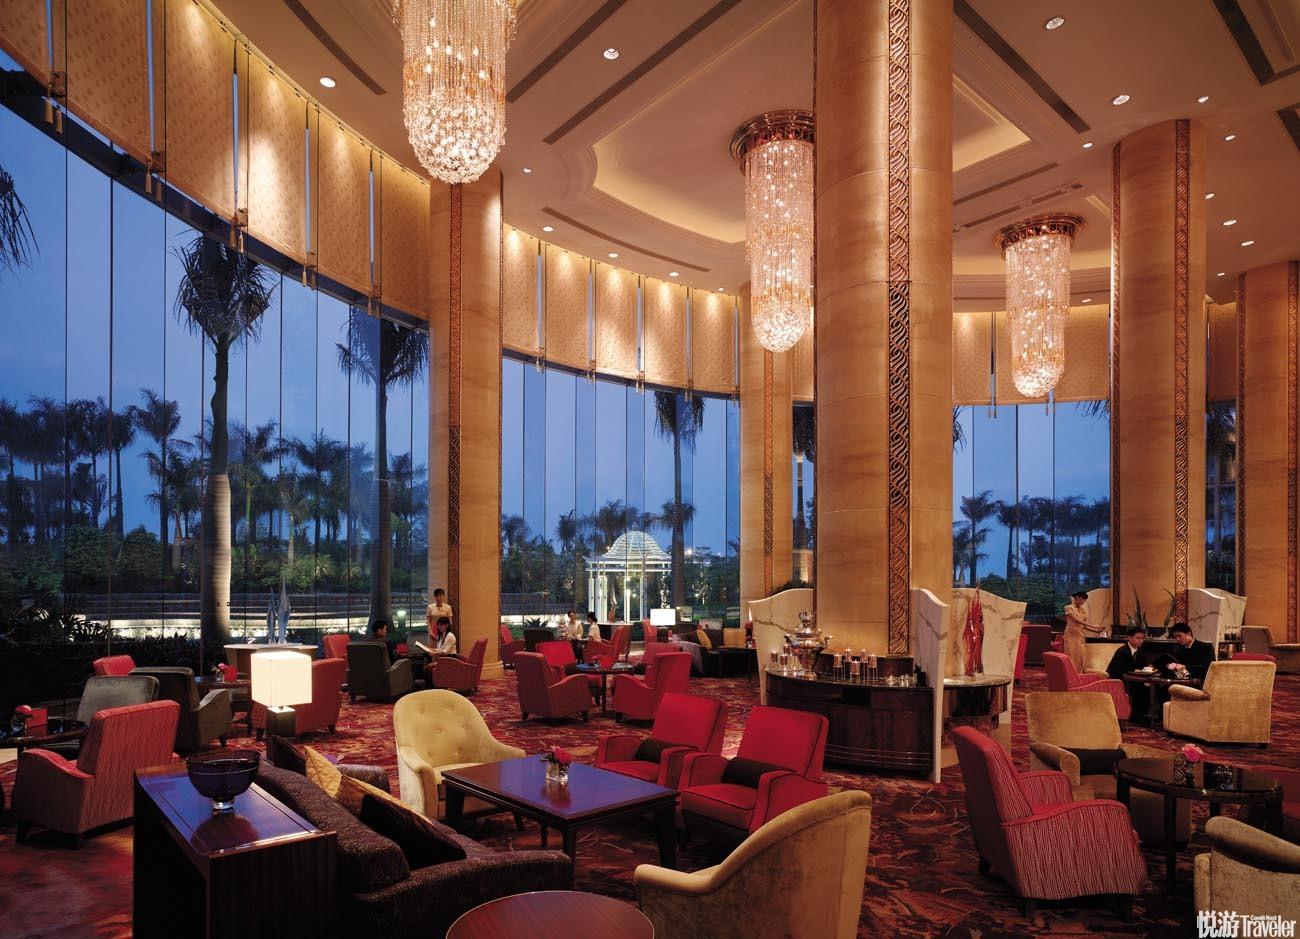 15:00 甜蜜午后。酒店的多间餐厅尽显广州国际美食之都的特殊地位,从泰式佳肴到日本怀石料理,可以感受其...